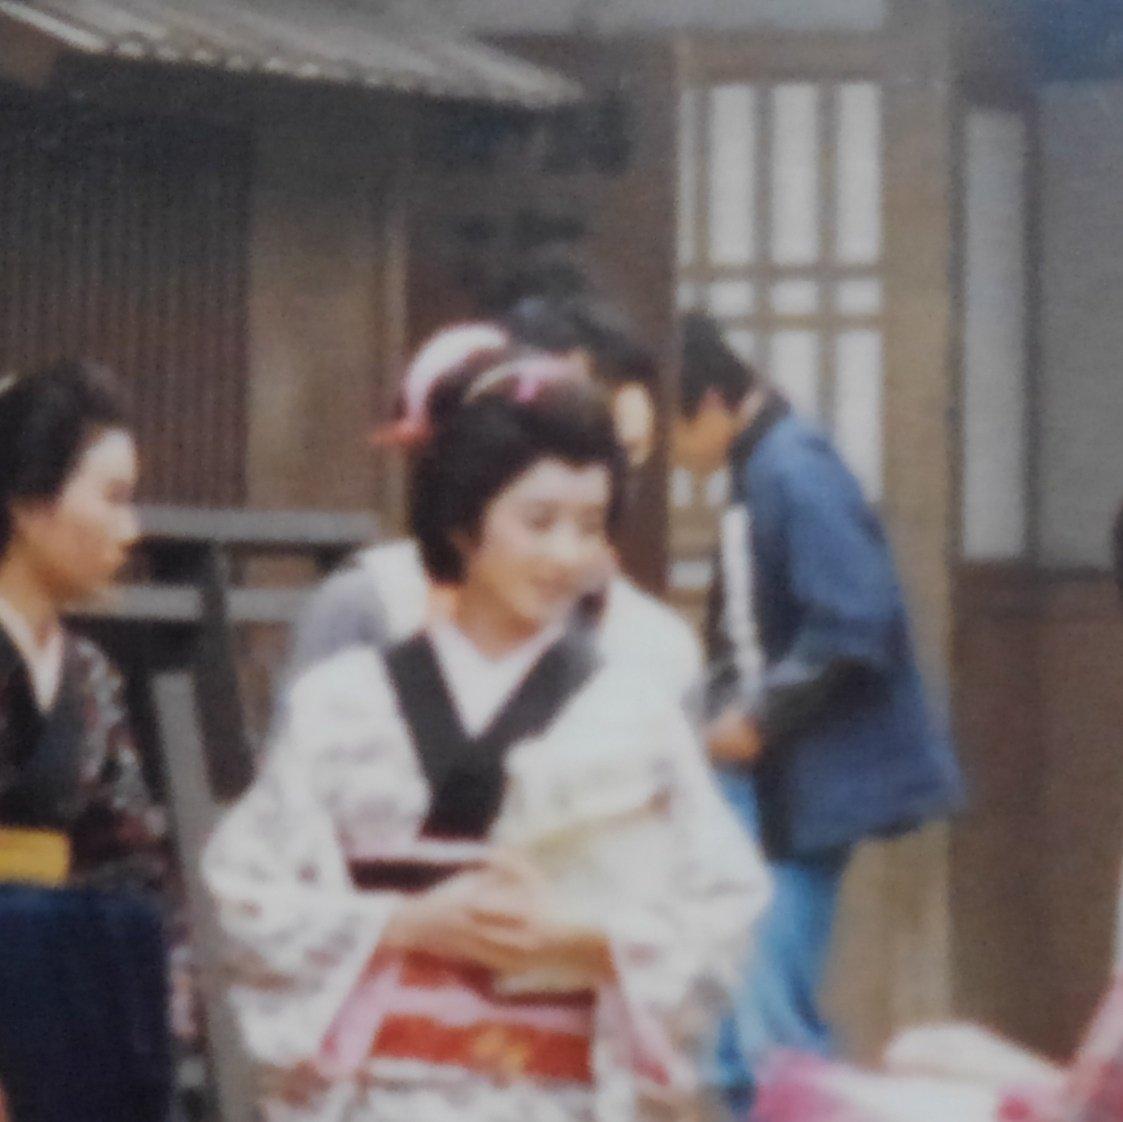 令子 仁和 女優の仁和令子さんが肝不全のため60歳で死去 「必殺シリーズ」など時代劇中心に活躍―